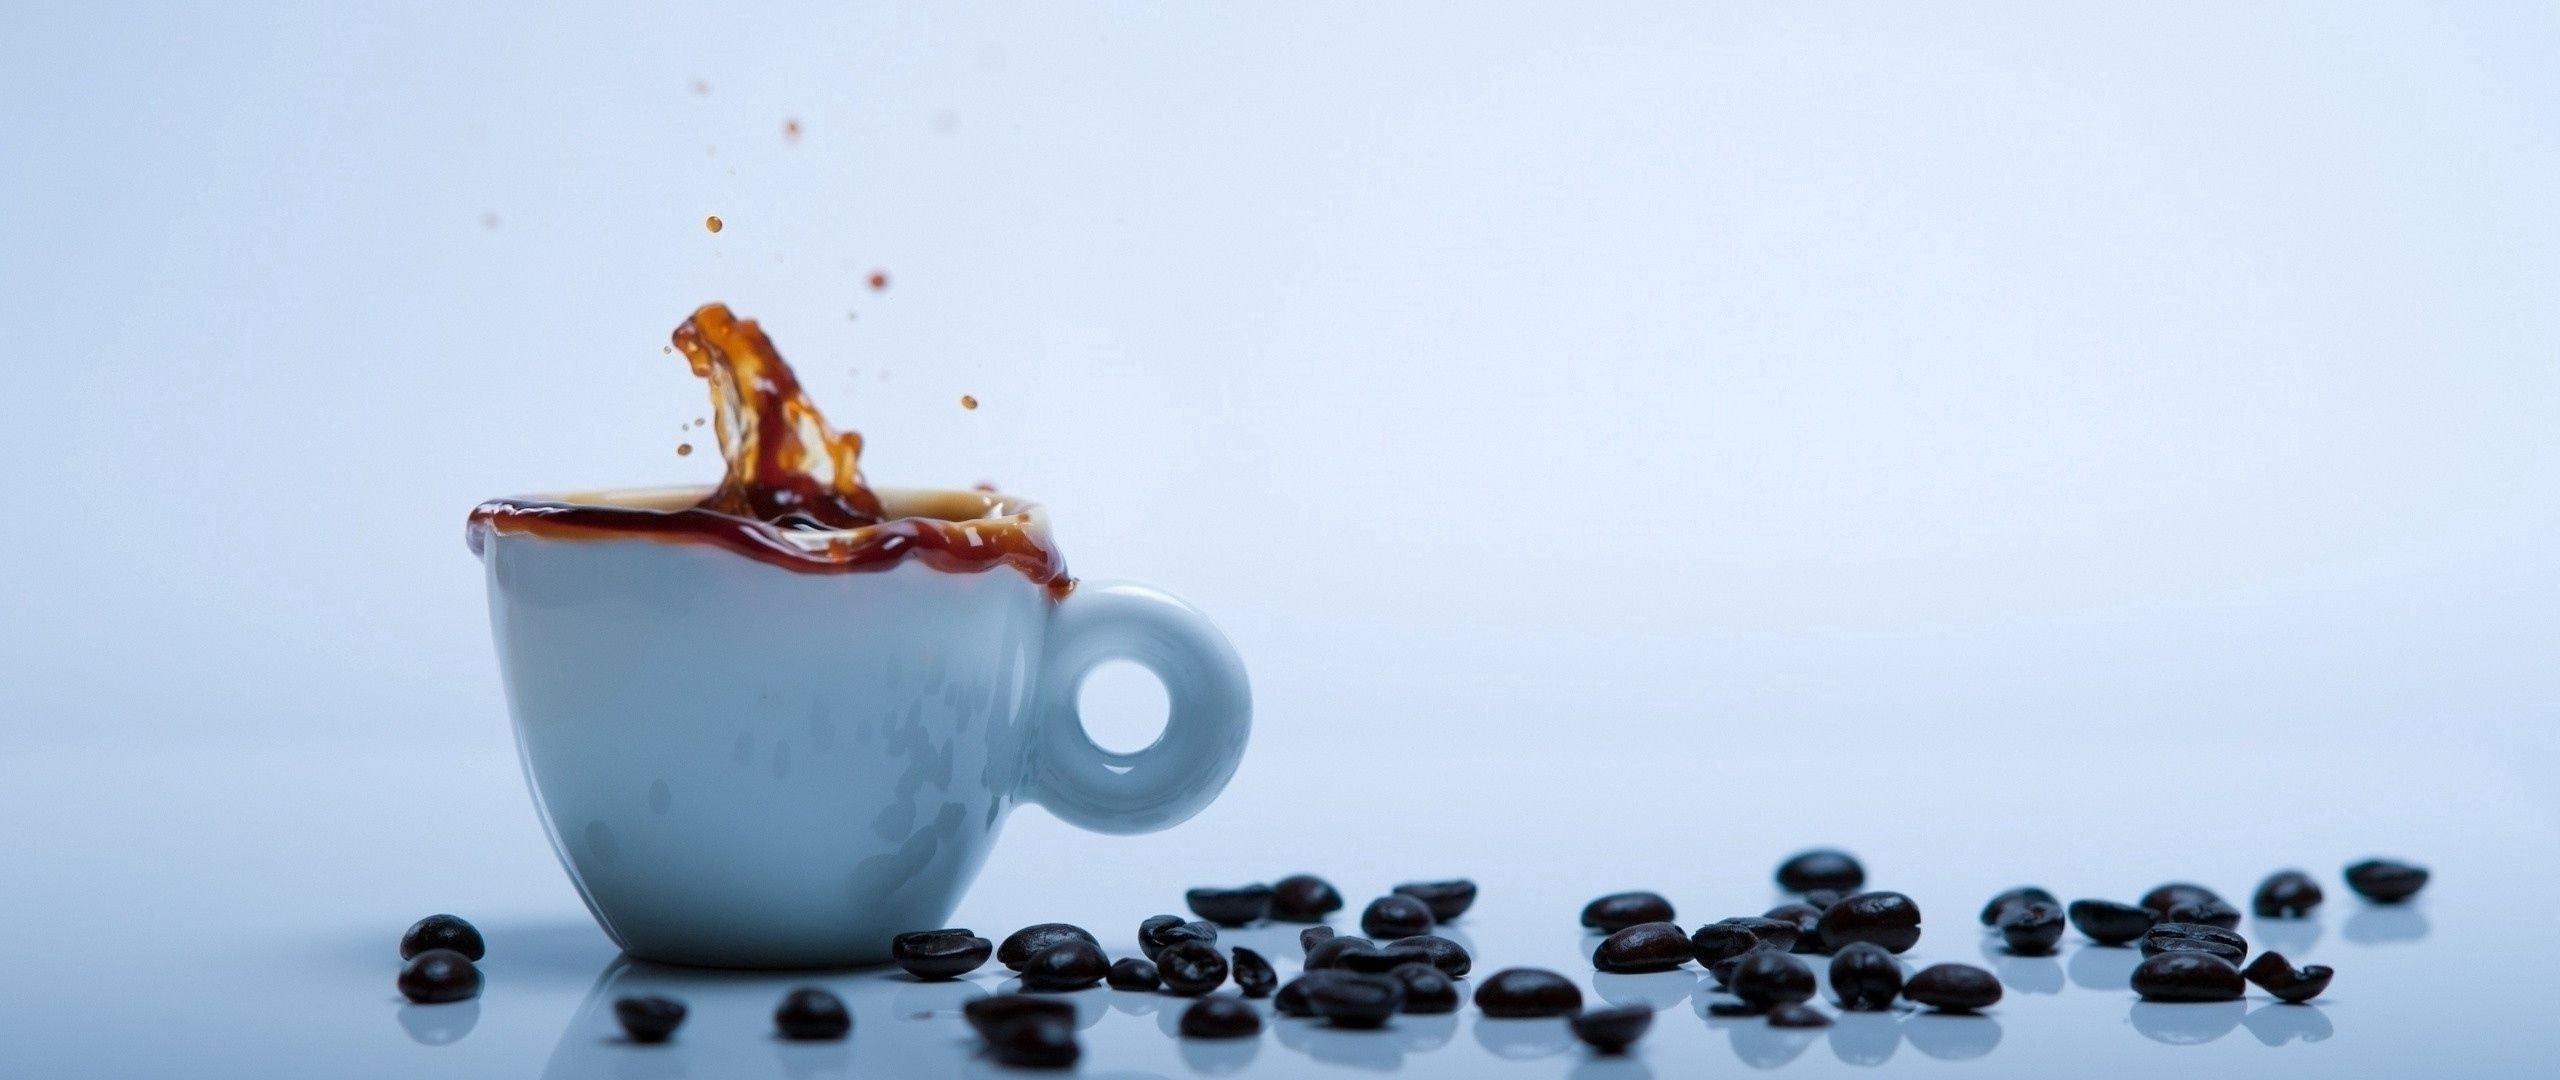 Fondos de pantalla Taza de cafe con granos de cafe